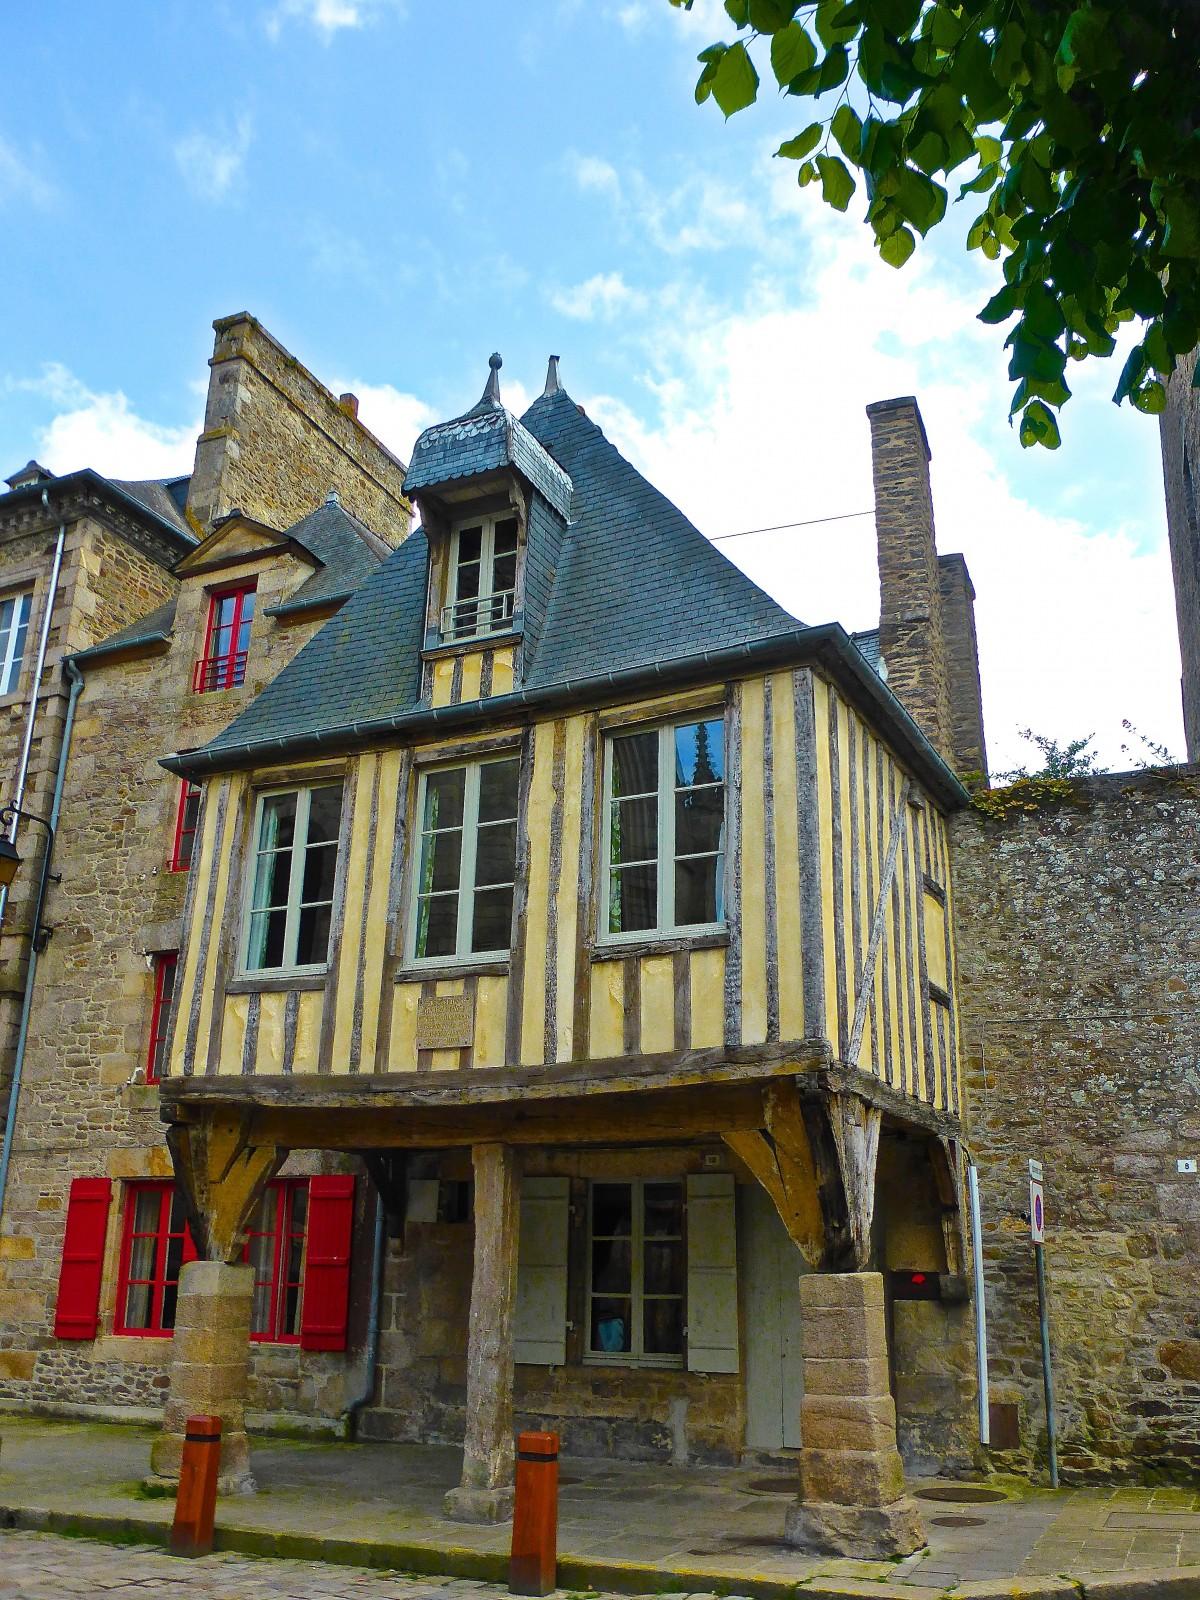 images gratuites structure bois maison fen tre ville toit vieux mur faisceau balcon. Black Bedroom Furniture Sets. Home Design Ideas